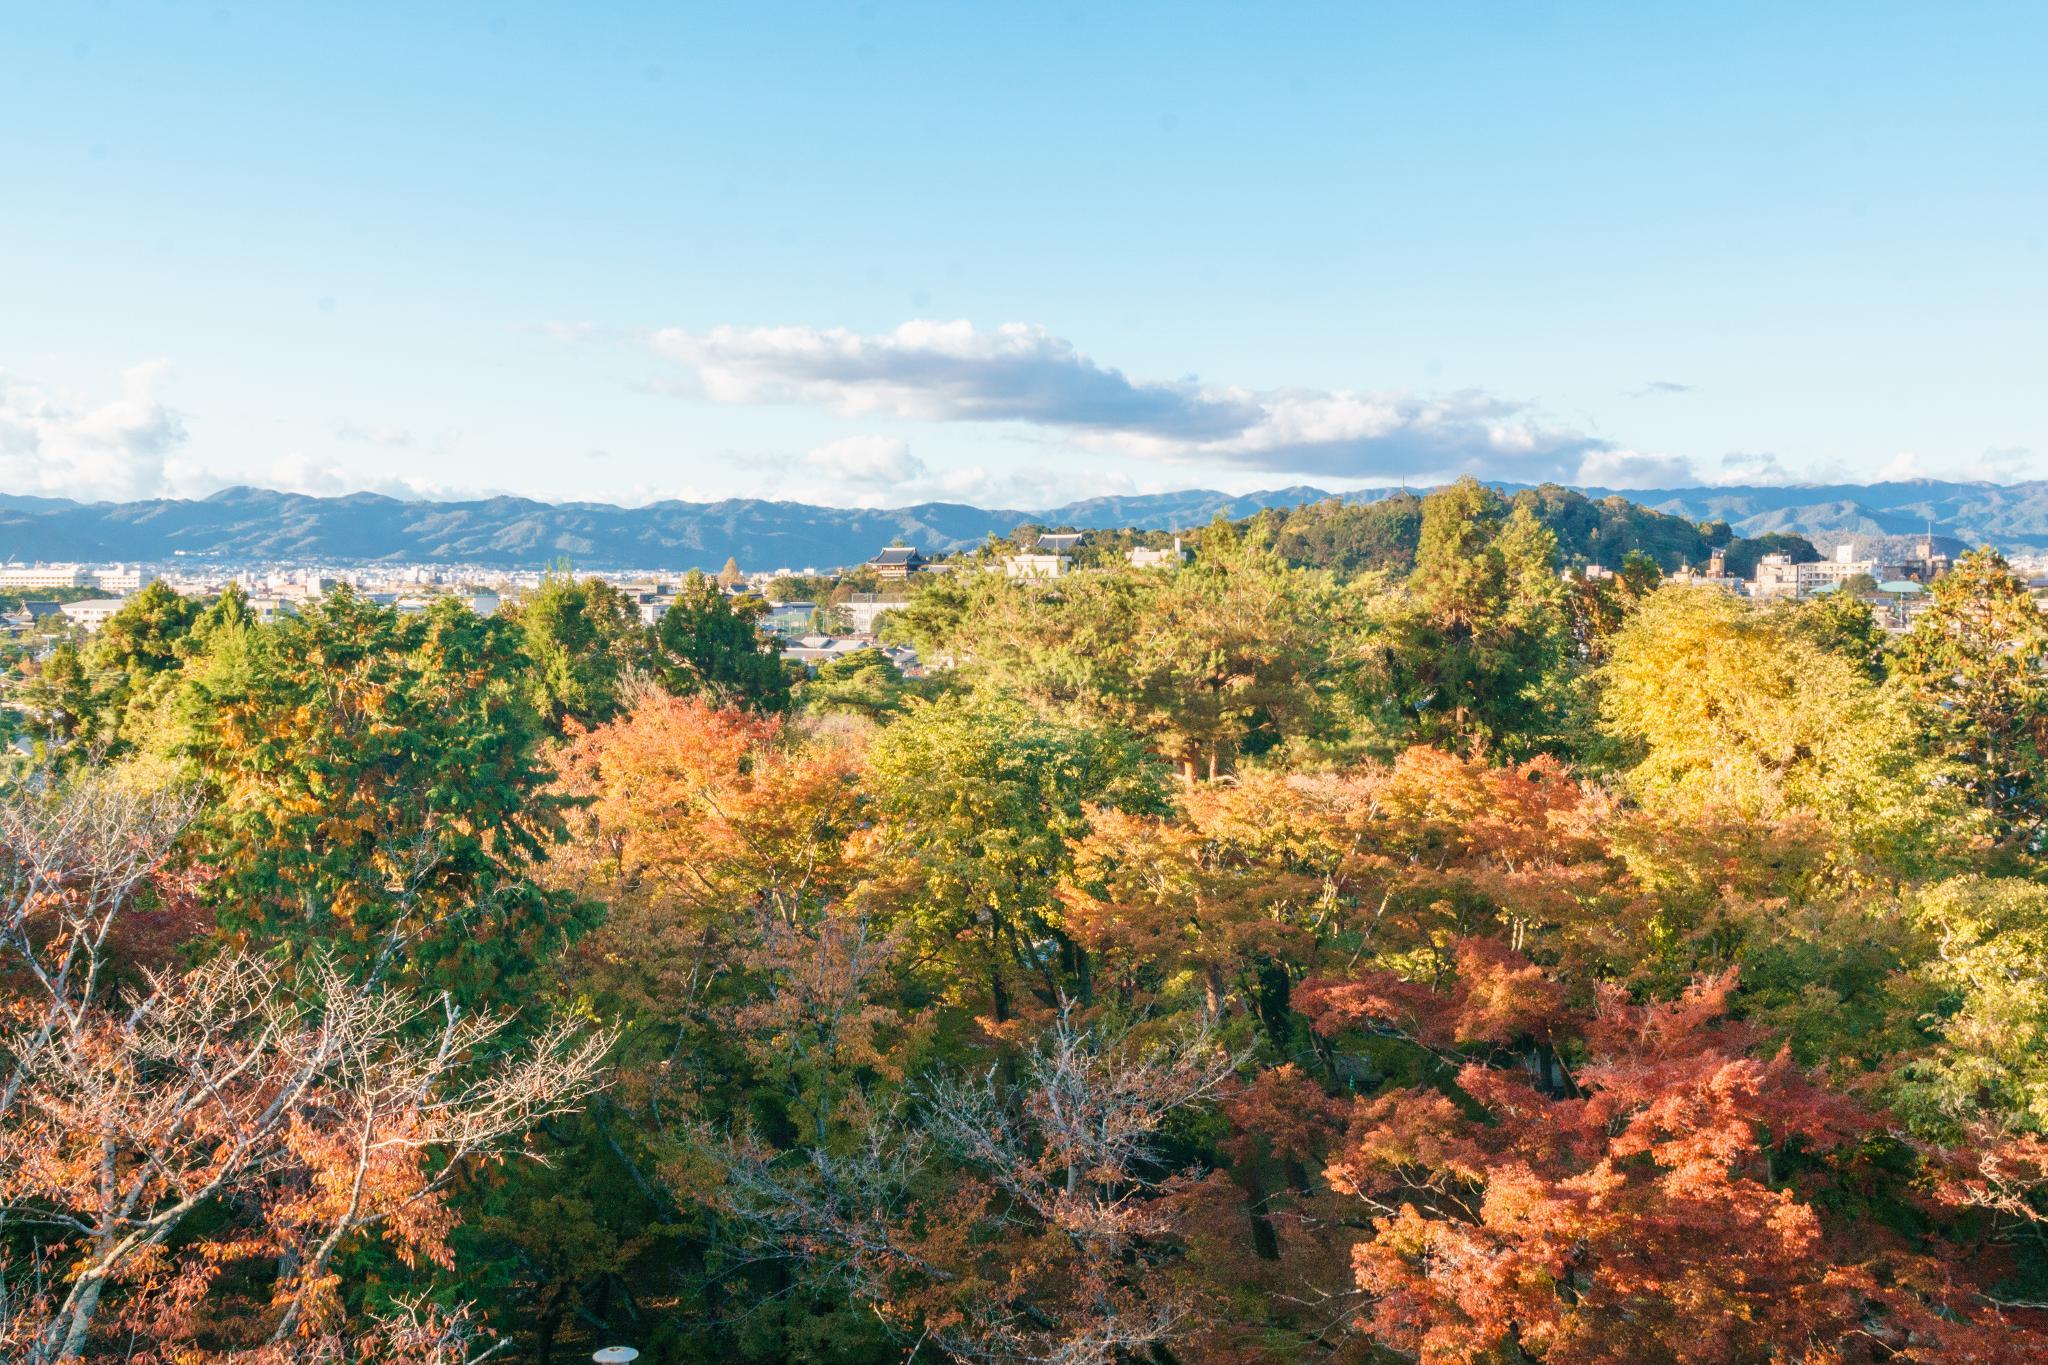 【京都】秋光葉影的古寺散策 - 南禪寺 99